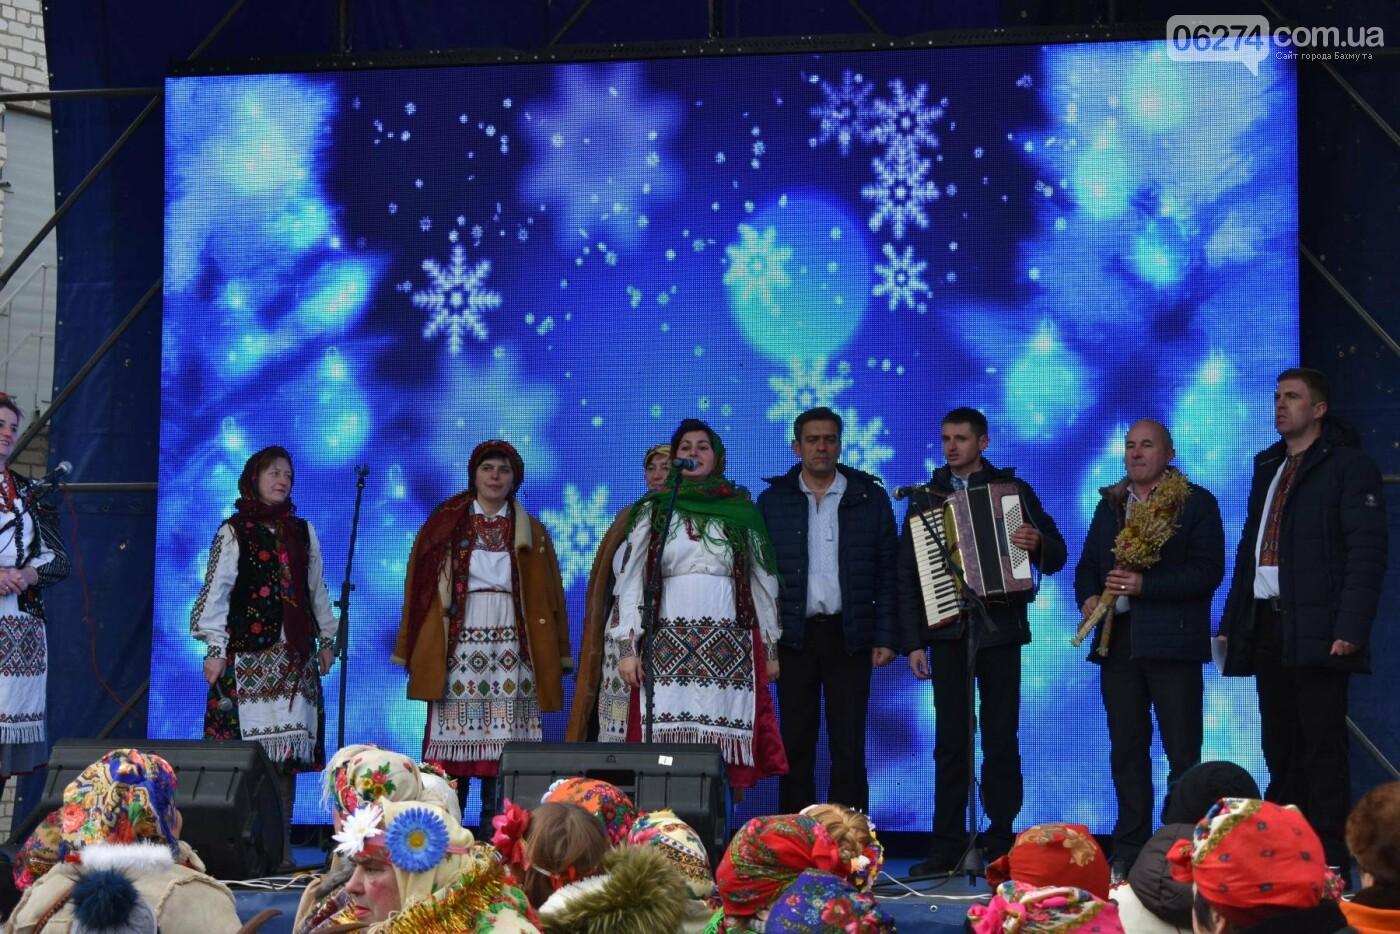 Бахмутские коллективы приняли участие в фестивале вертепов «Рождественский перезвон», фото-27